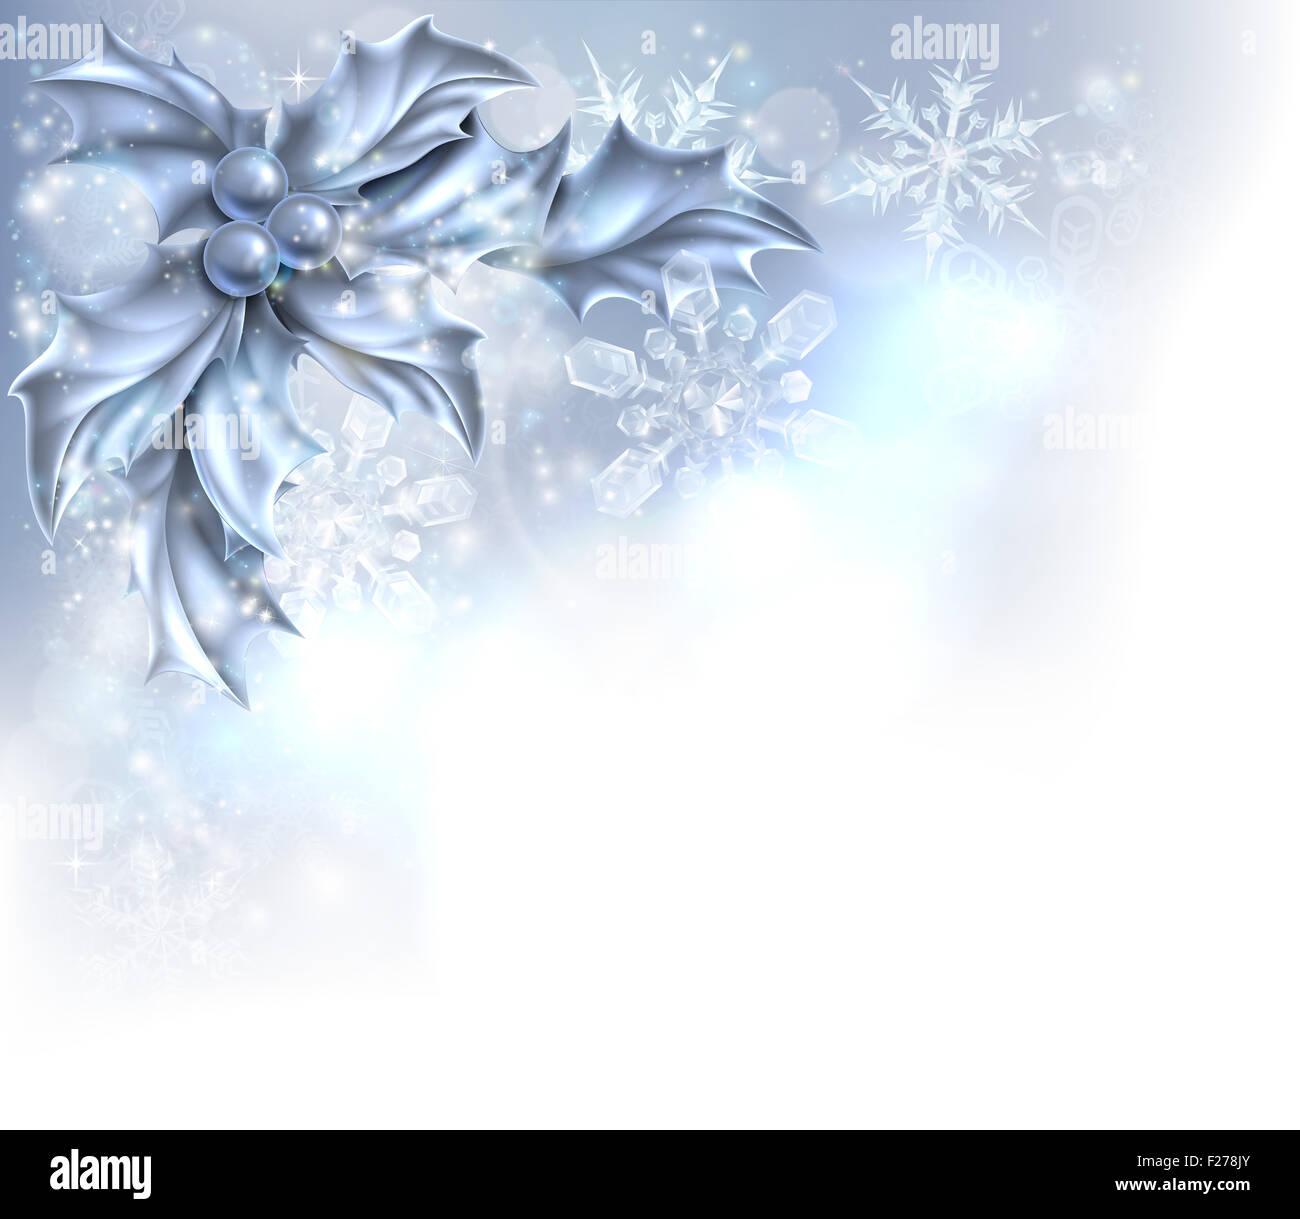 Christmas Holly Silber abstrakt Weihnachten Ecke Rahmenhintergrund ...